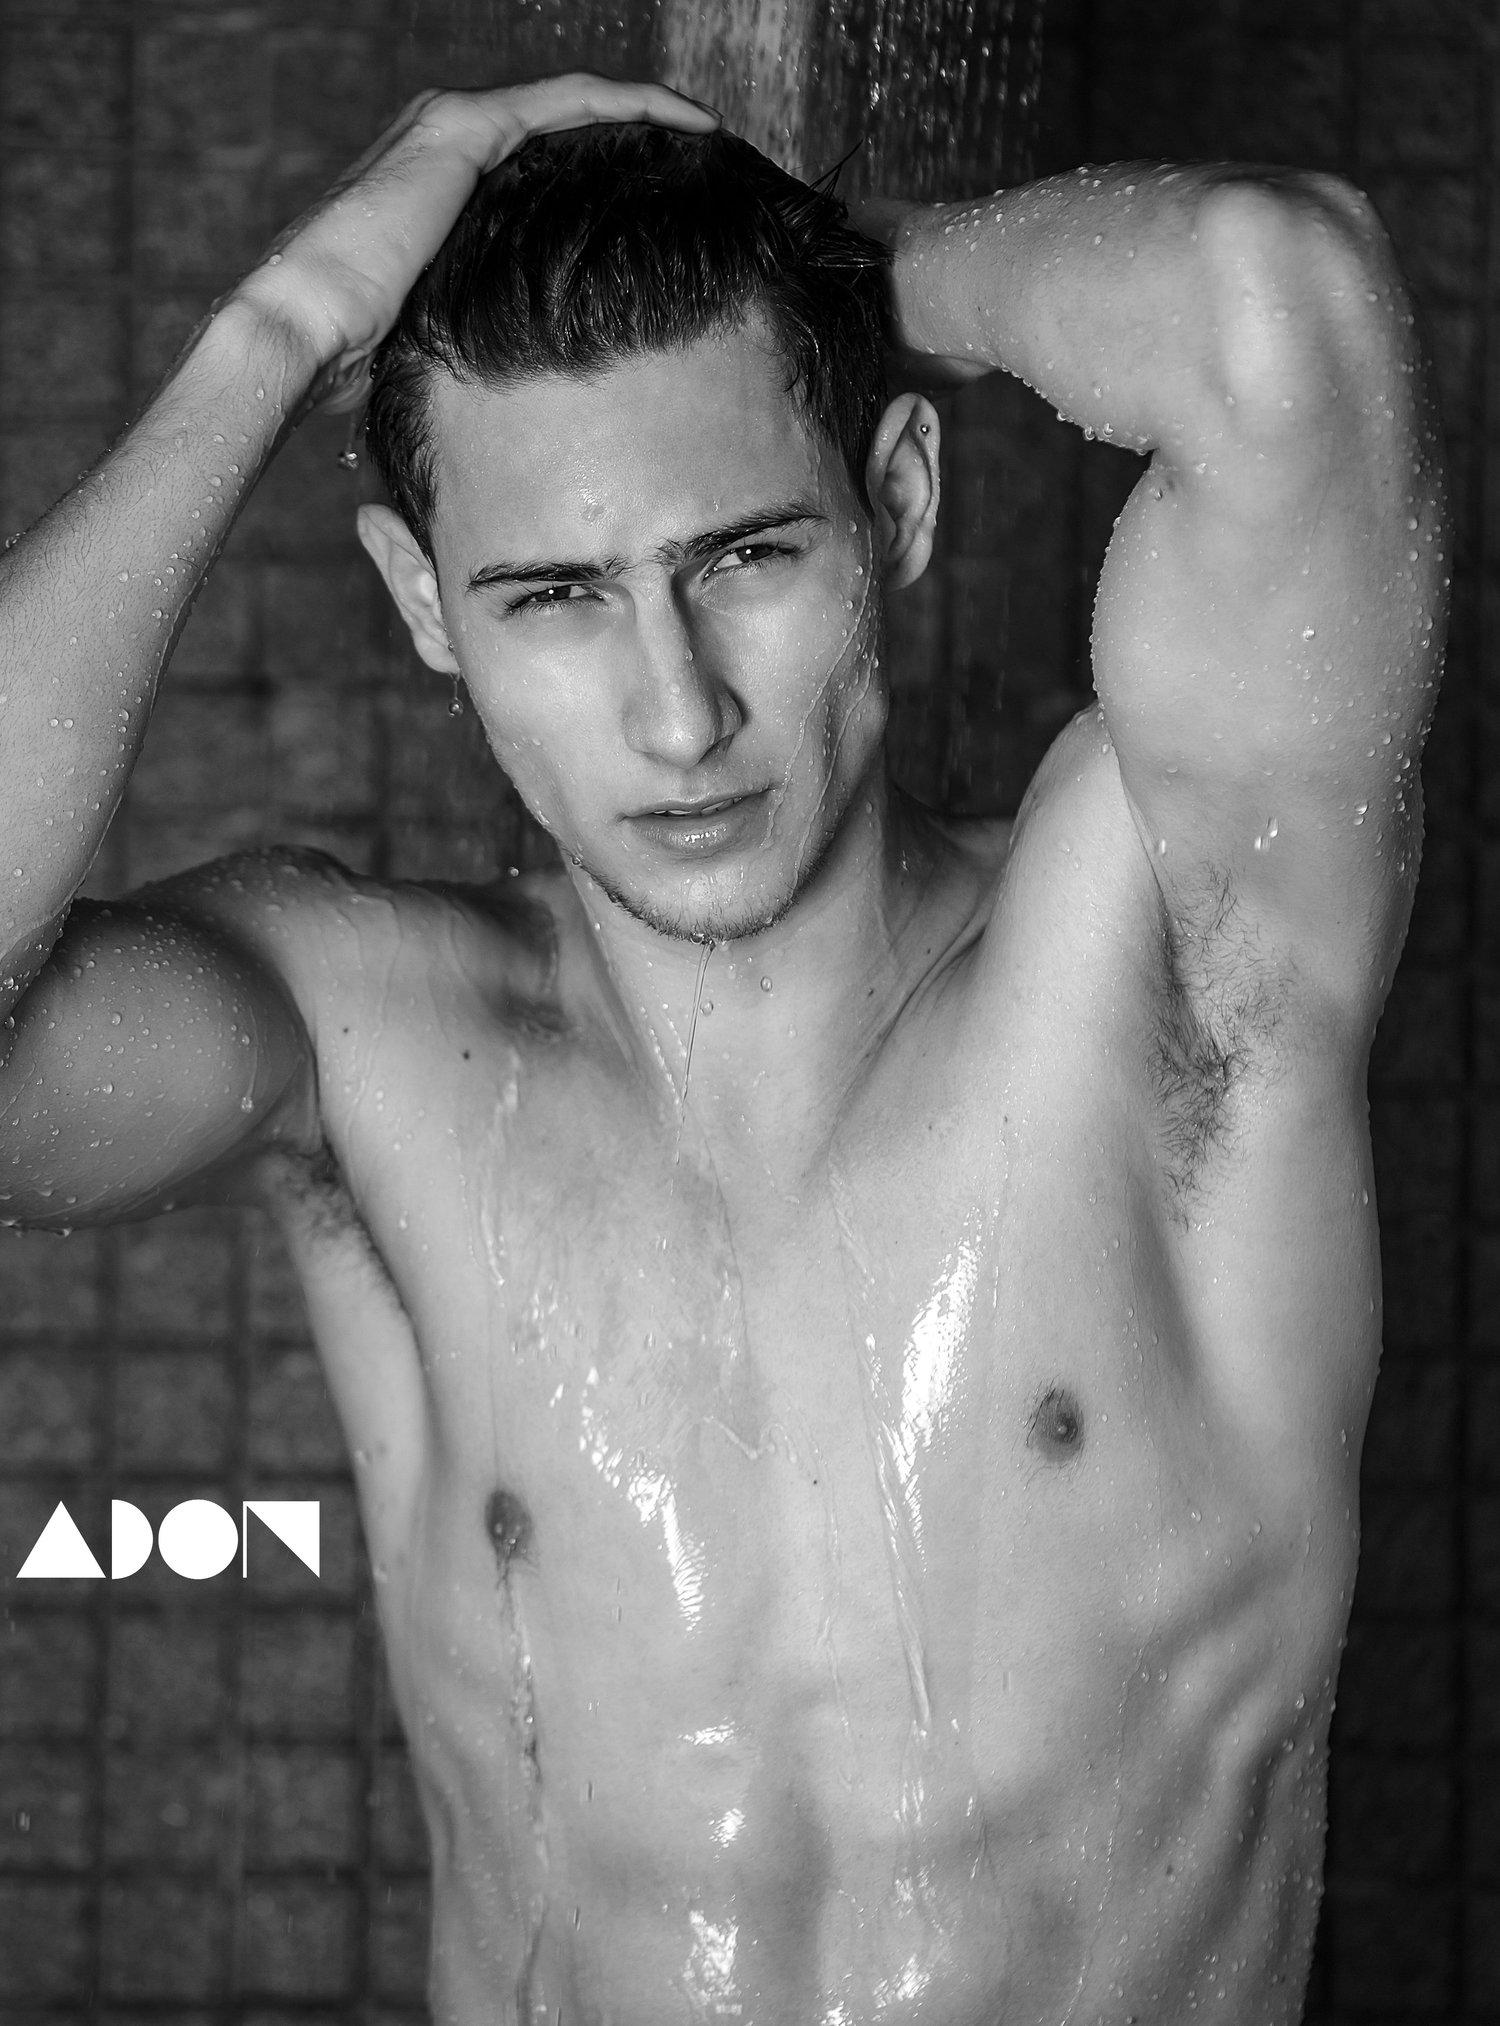 Adon Exclusive: Model Markus Quintão By Jason Oung